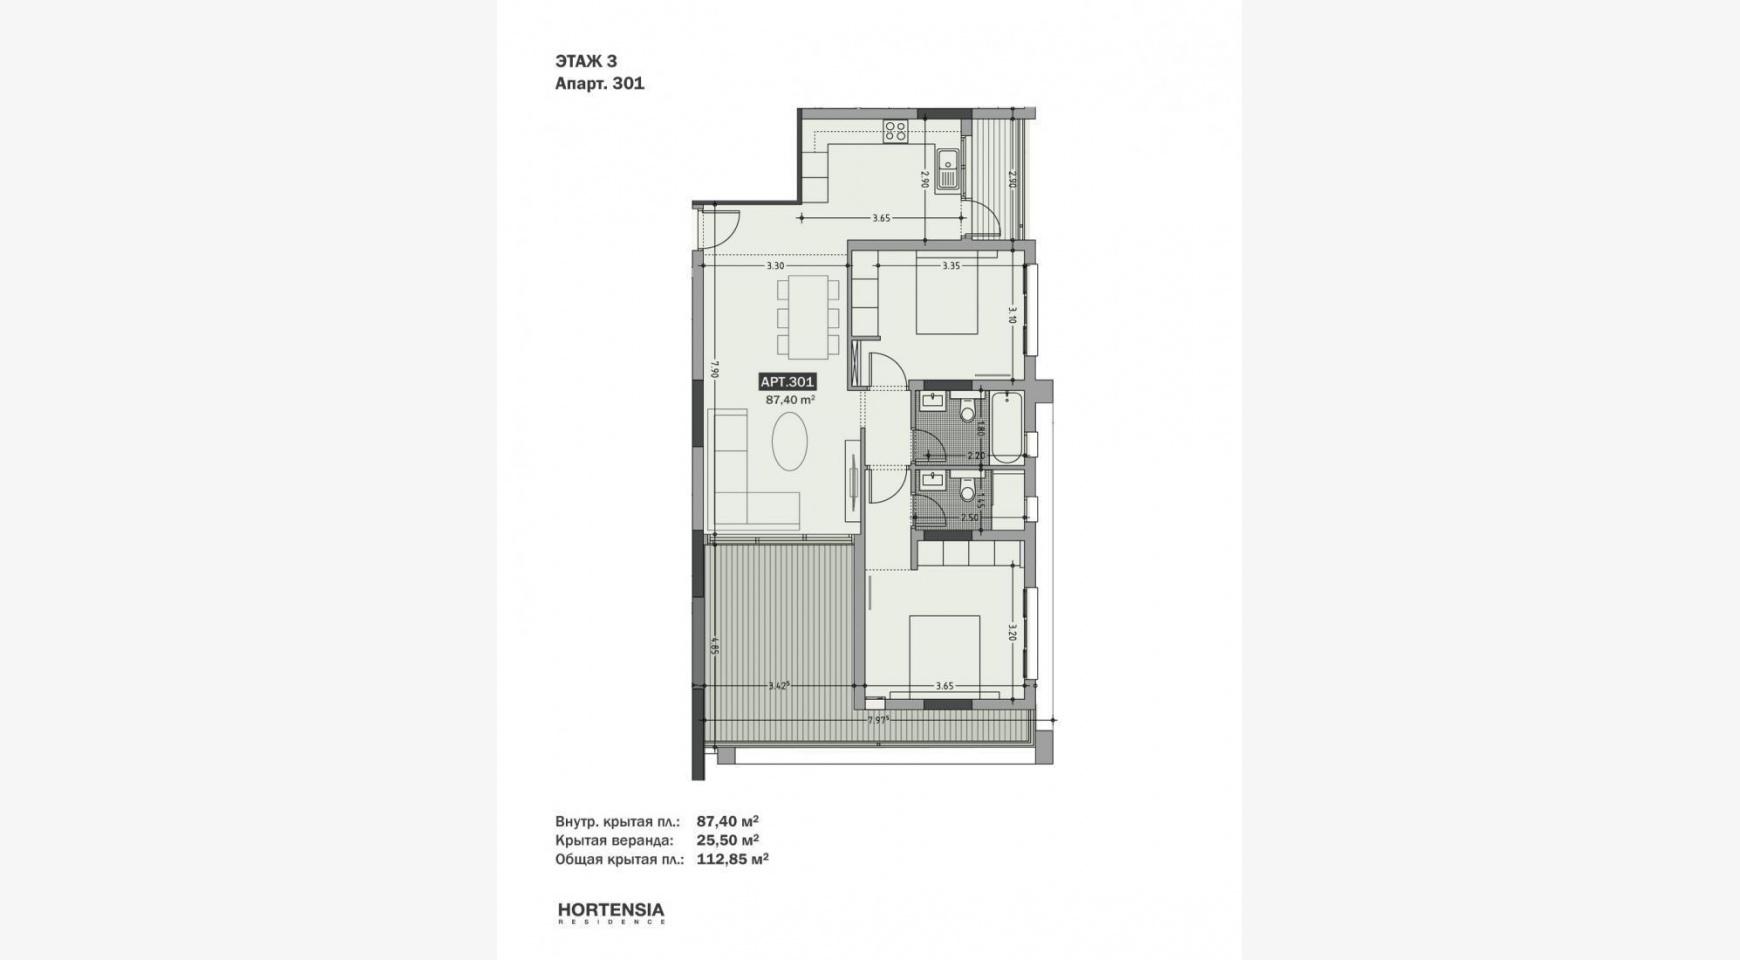 Hortensia Residence, Кв. 301. 2-Спальная Квартира в Новом Комплексе возле Моря - 65